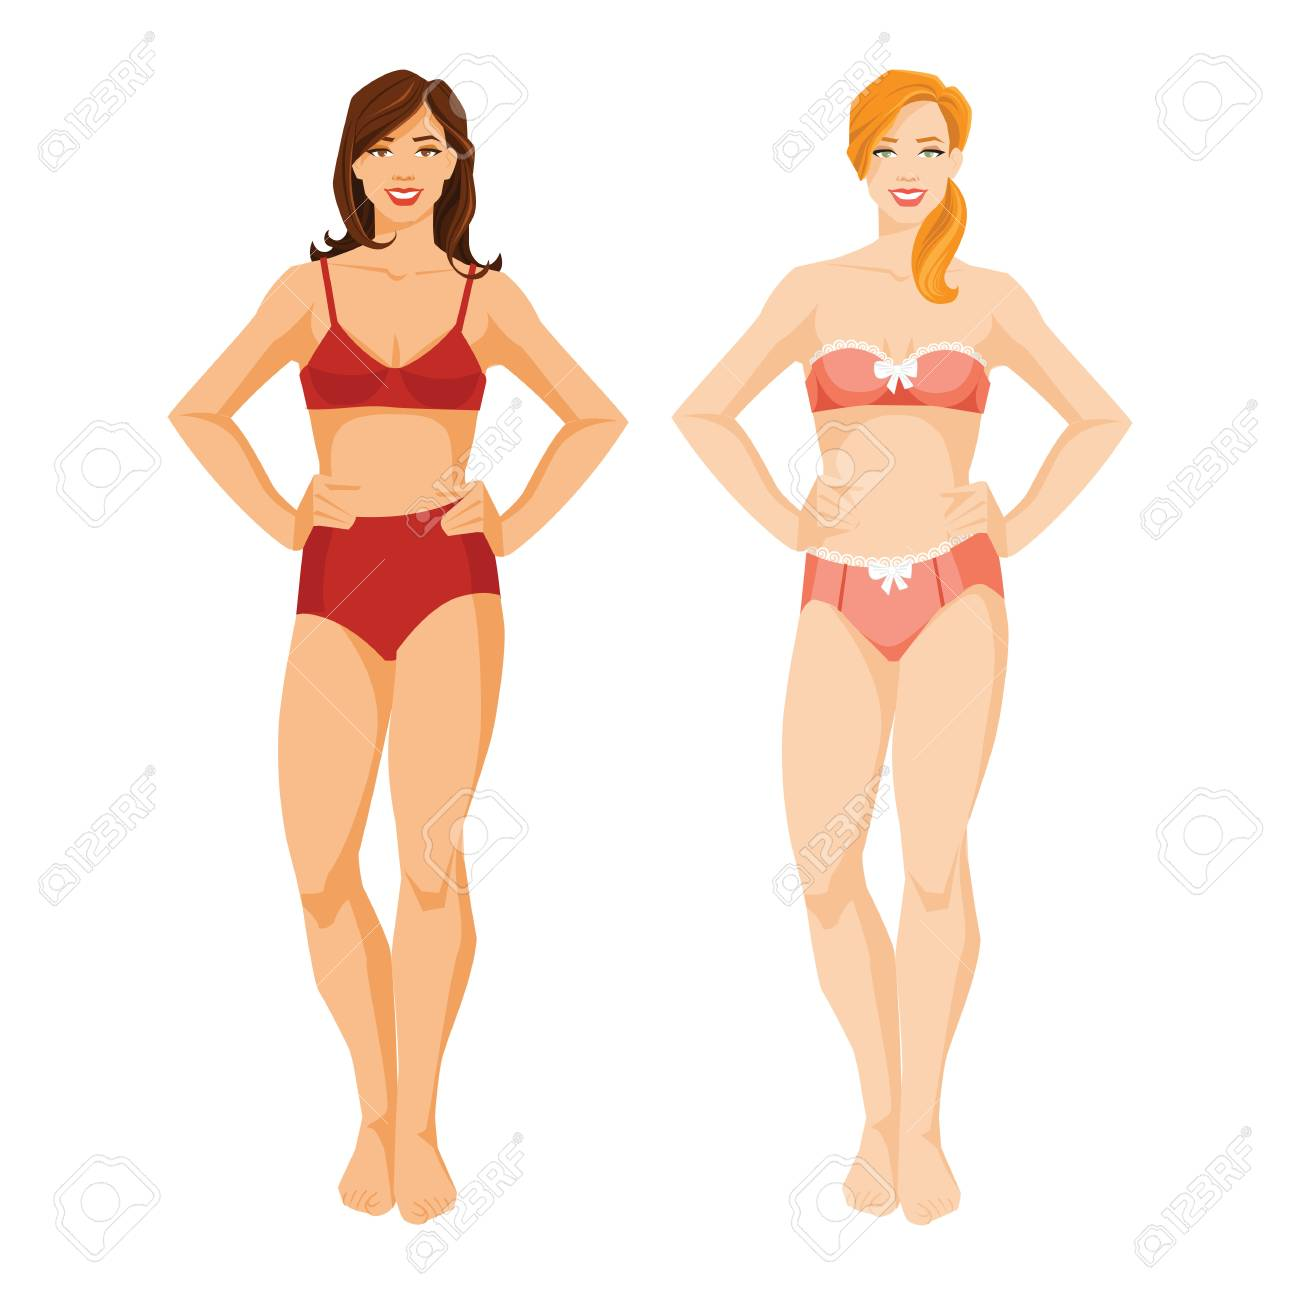 Ilustración Vectorial De Chicas En Ropa Interior En Blanco